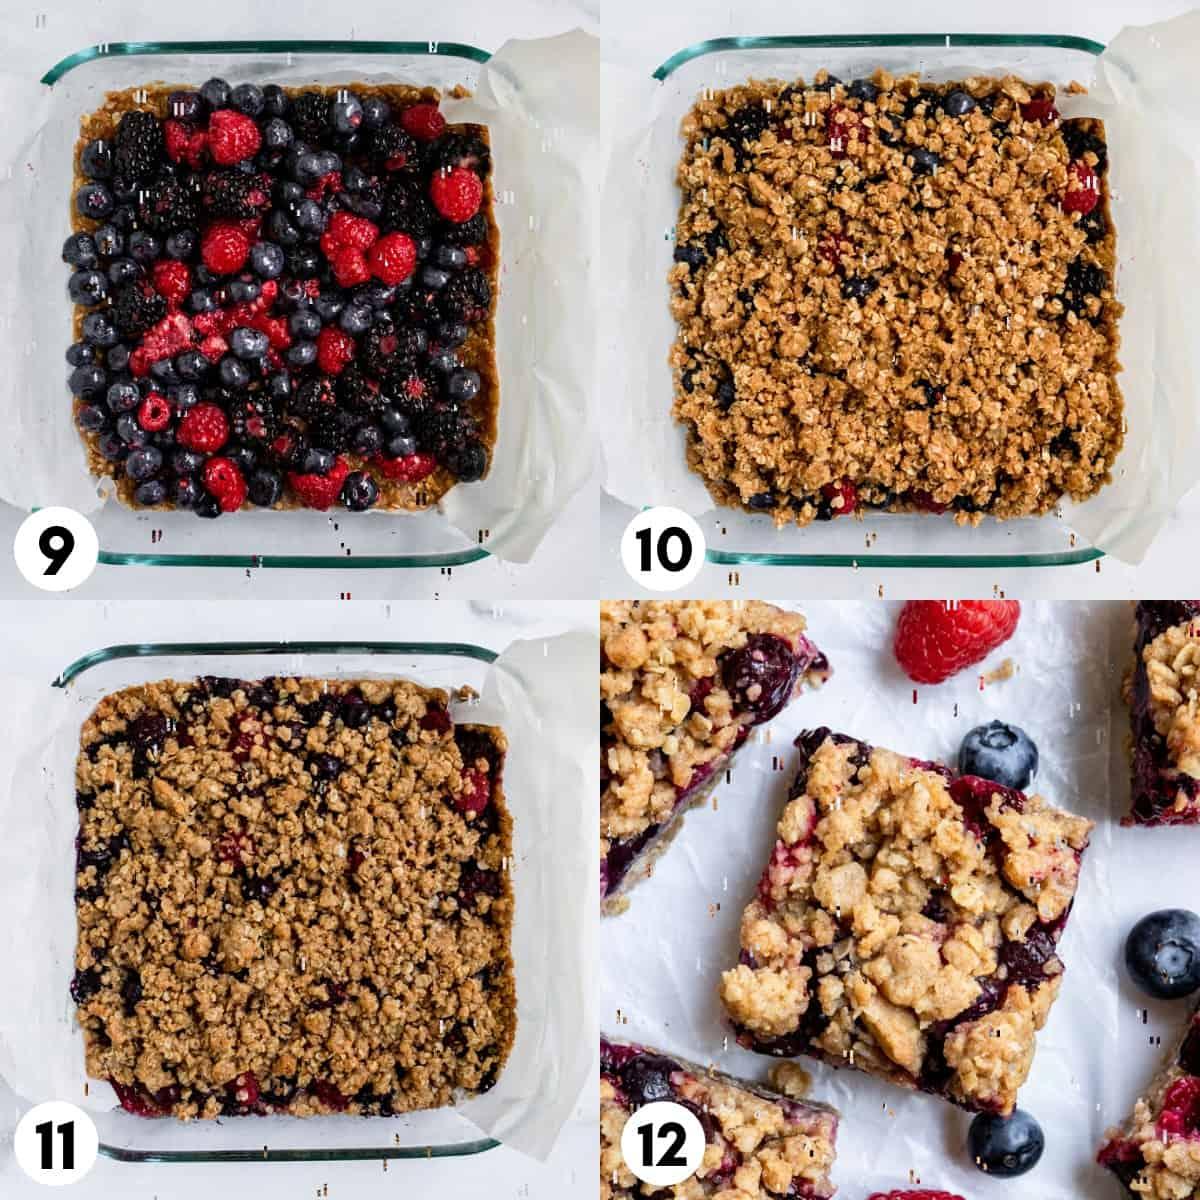 Berry mixture on top of oat mixture in baking pan.